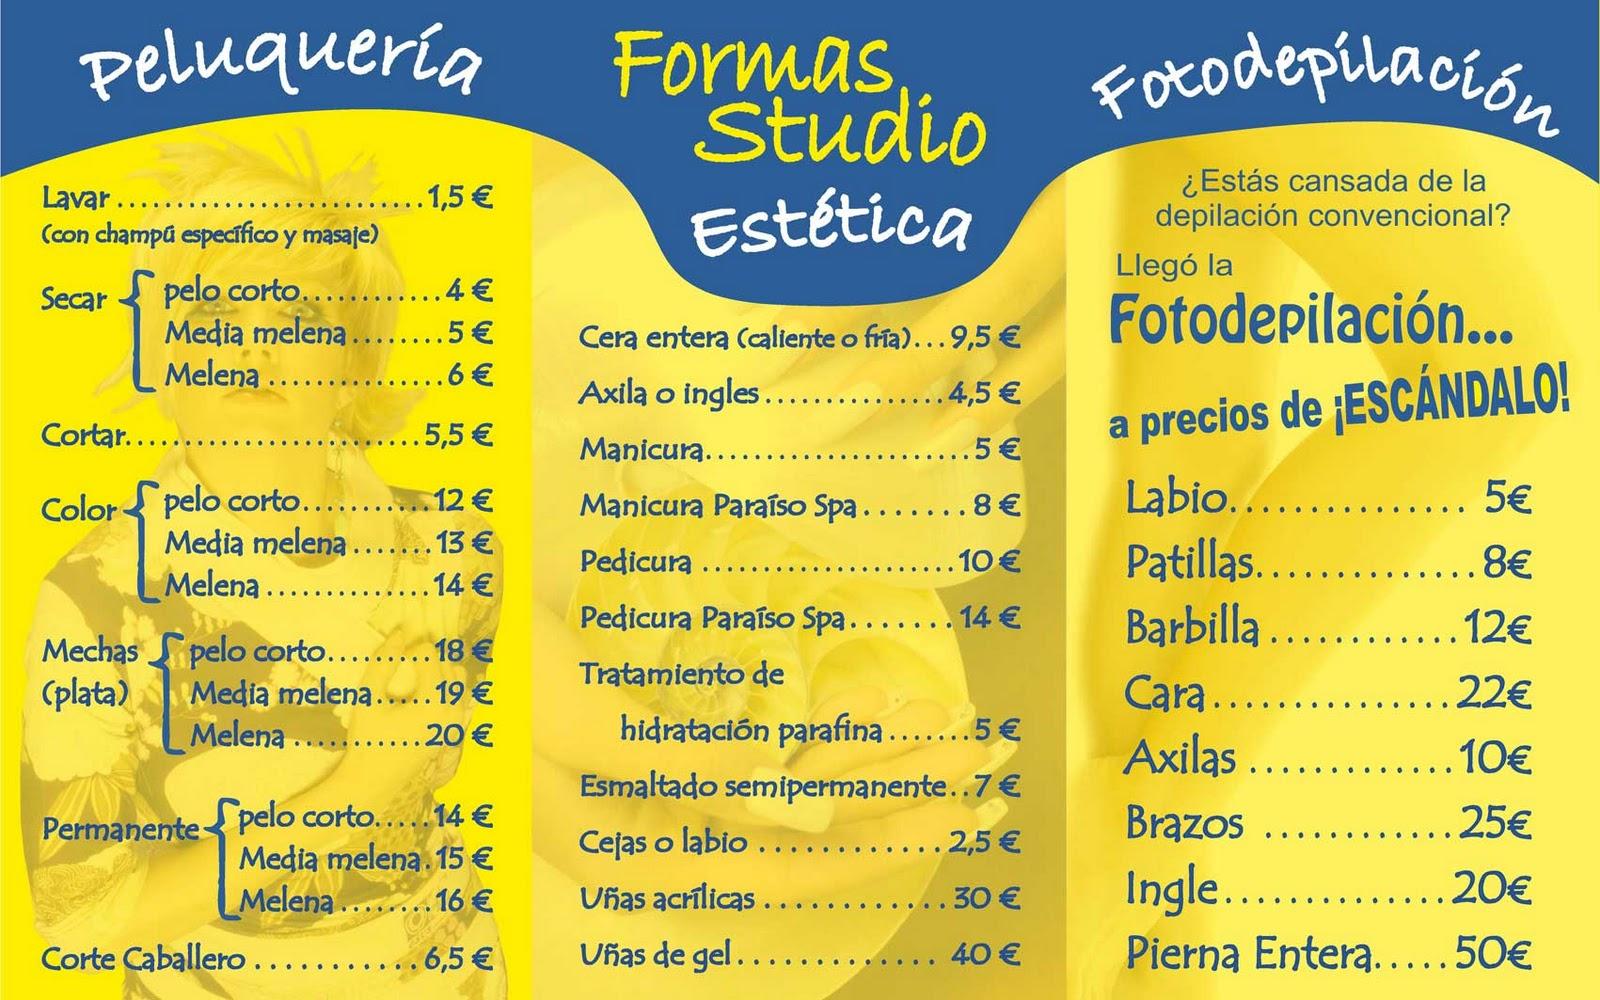 Formas precios 2012 para las peluquerias formas - Espejos peluqueria precios ...